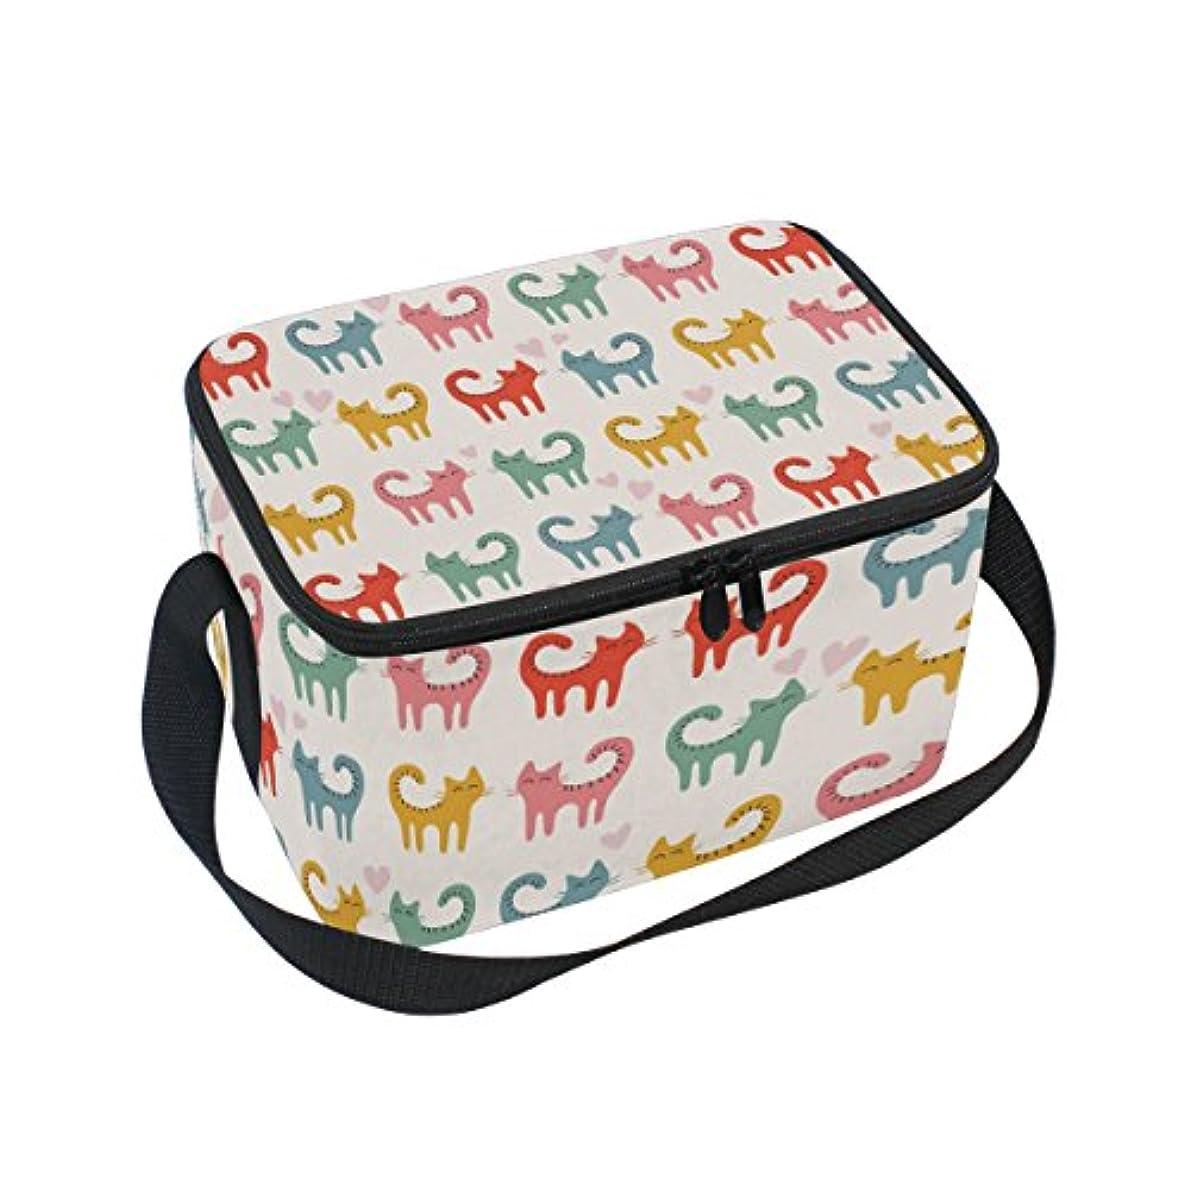 いつでも読書花束クーラーバッグ クーラーボックス ソフトクーラ 冷蔵ボックス キャンプ用品 猫柄 カラフル 保冷保温 大容量 肩掛け お花見 アウトドア